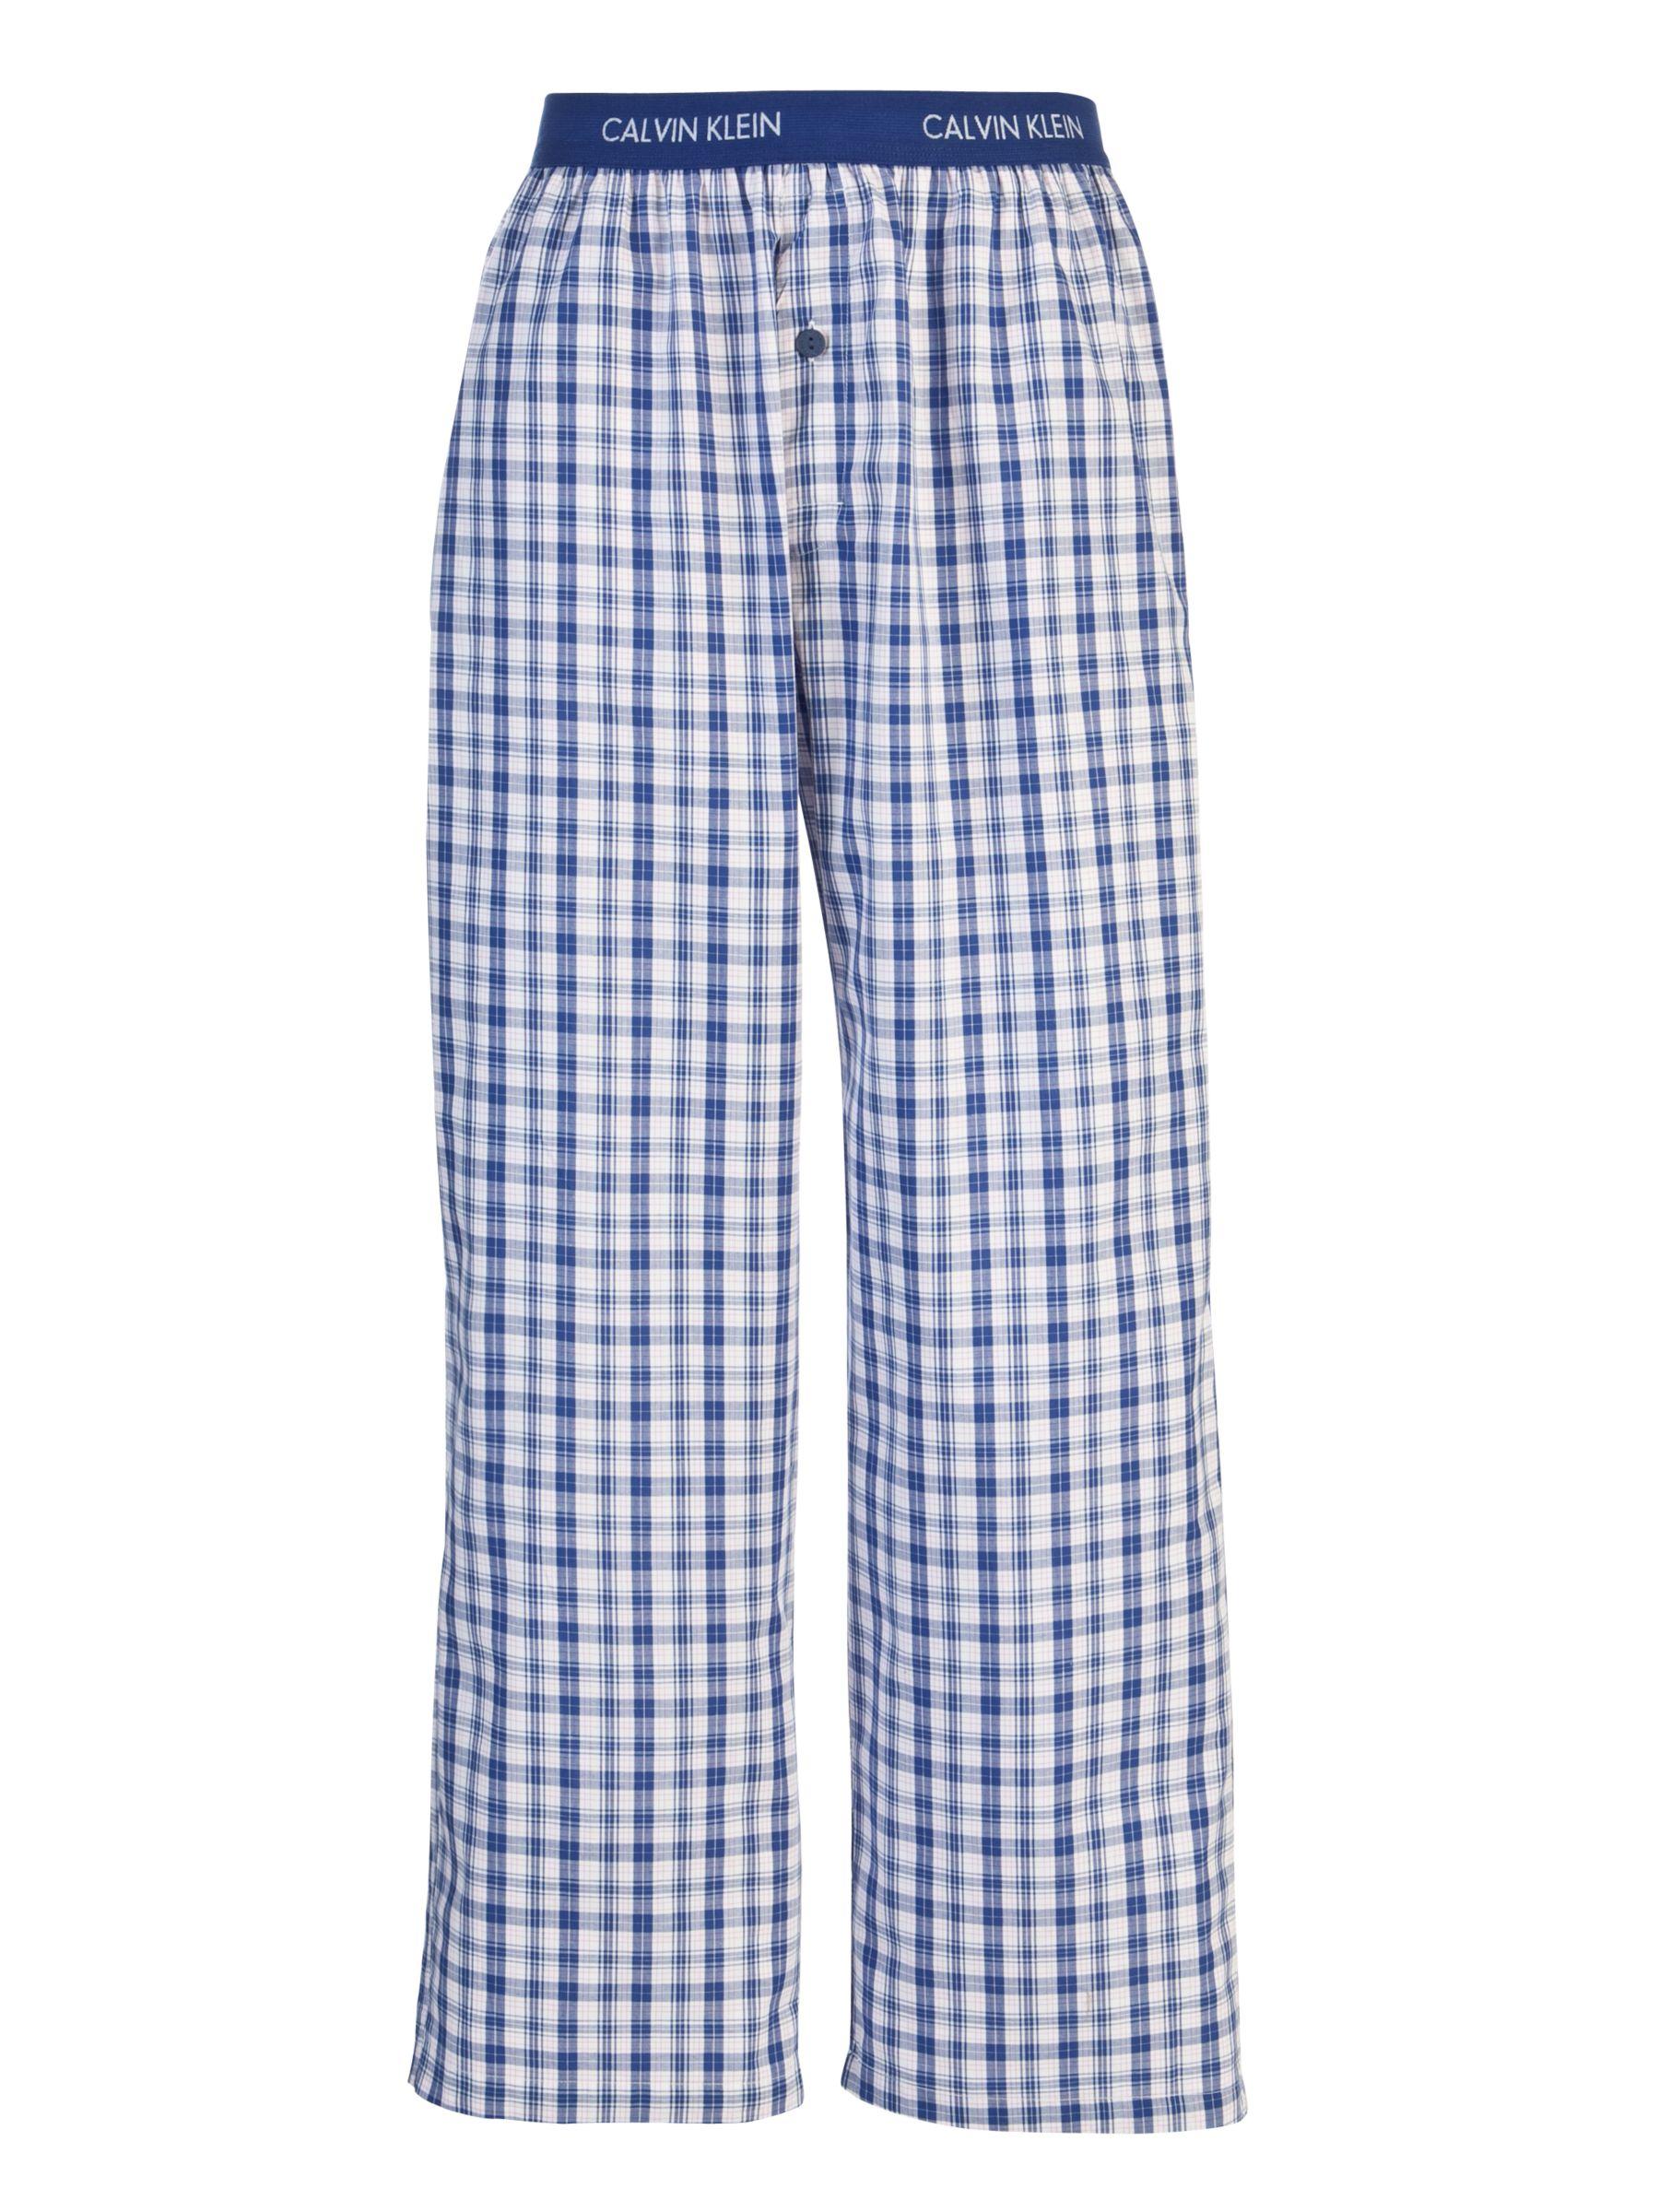 Calvin Klein Check Lounge Pants